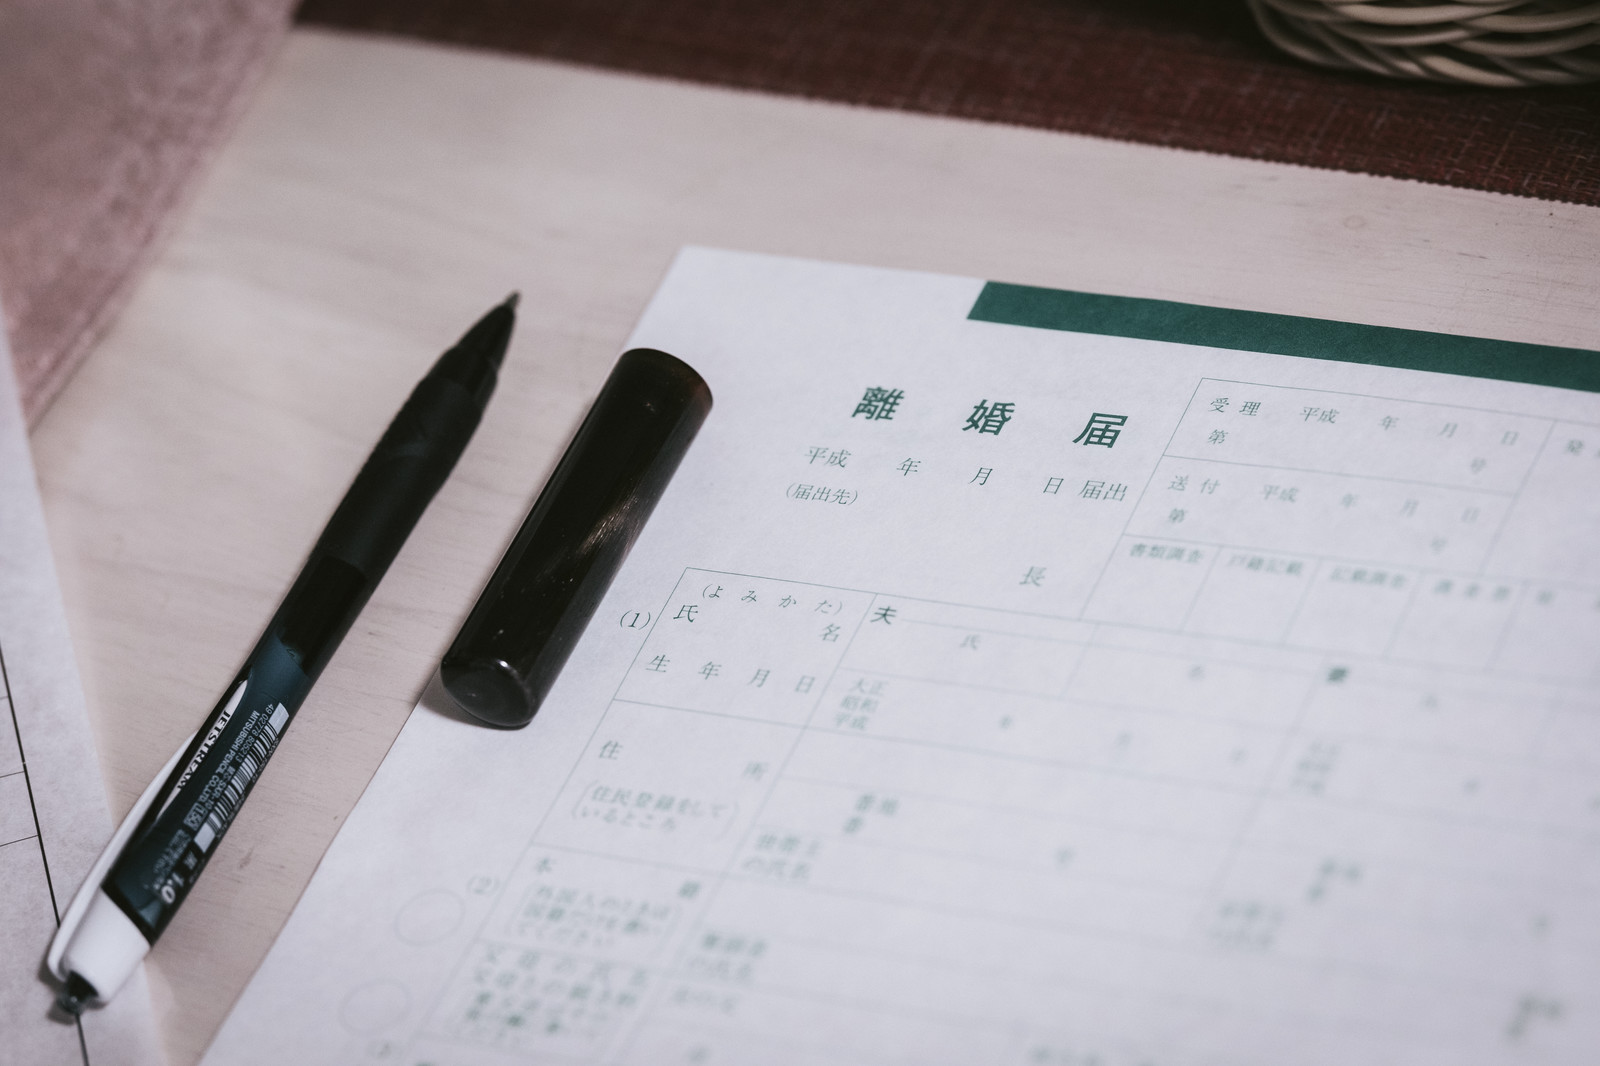 「静岡県浜松市 離婚」養育費積み立て制度